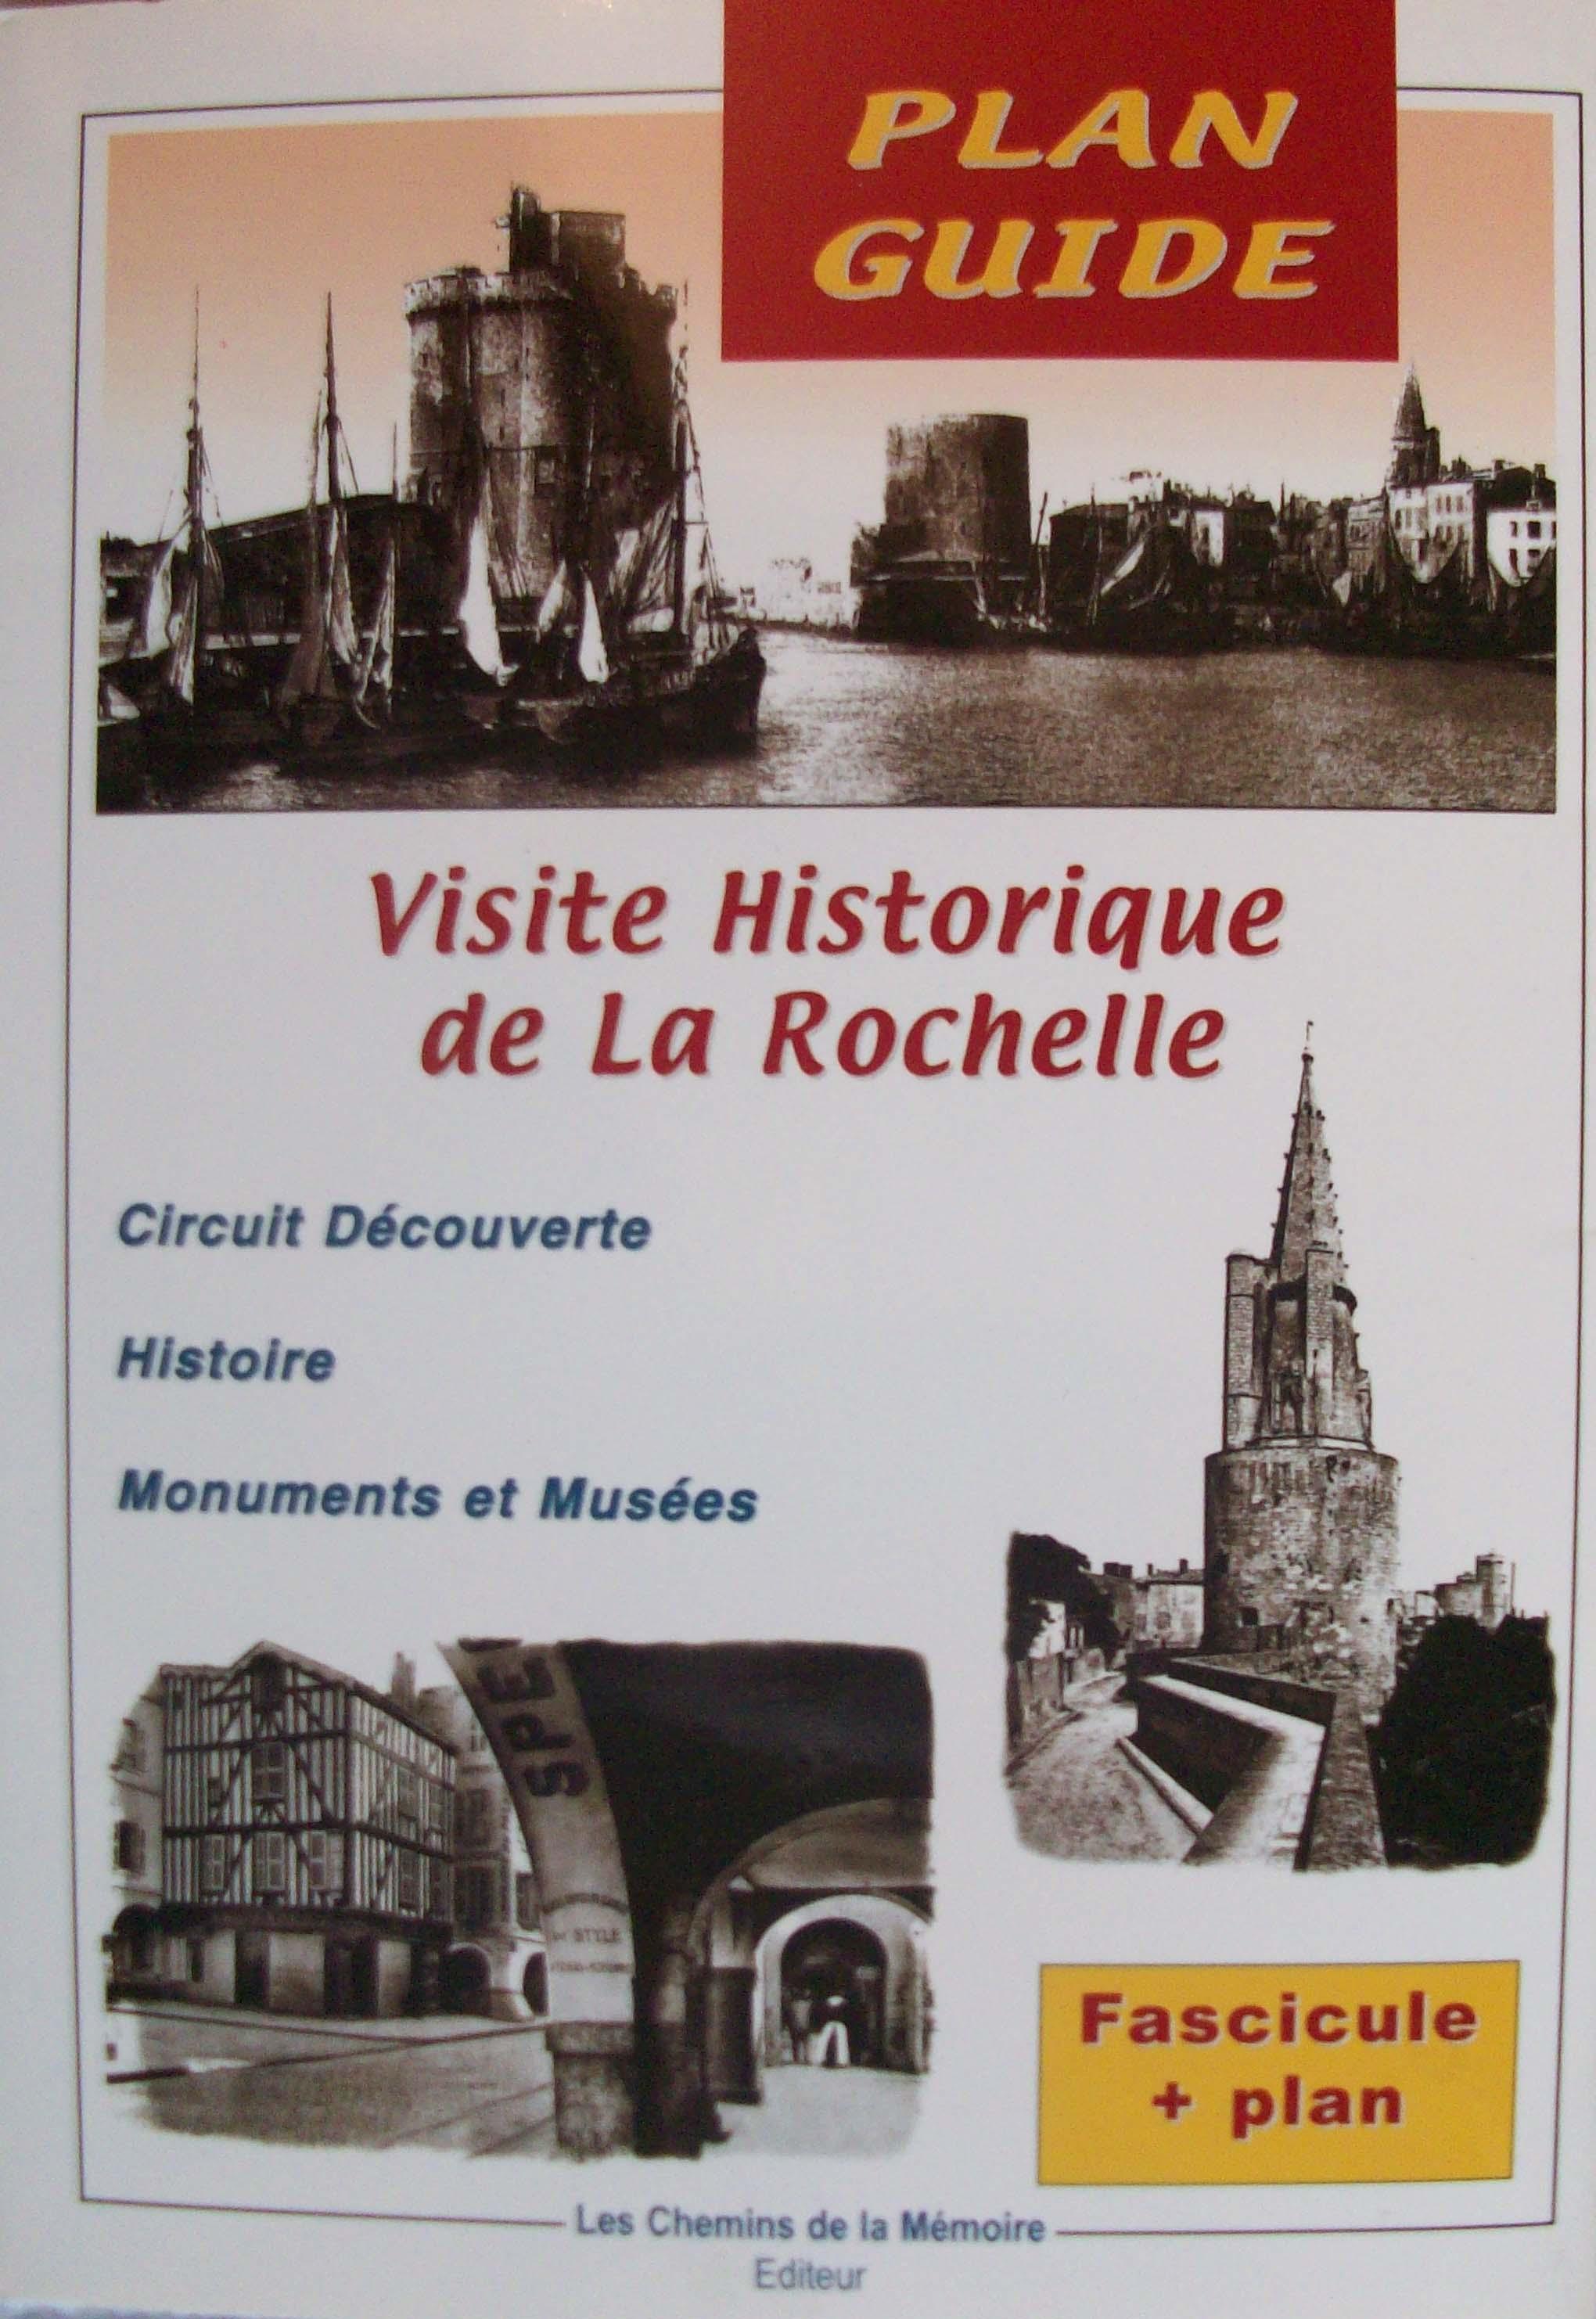 Visite Historique de La Rochelle